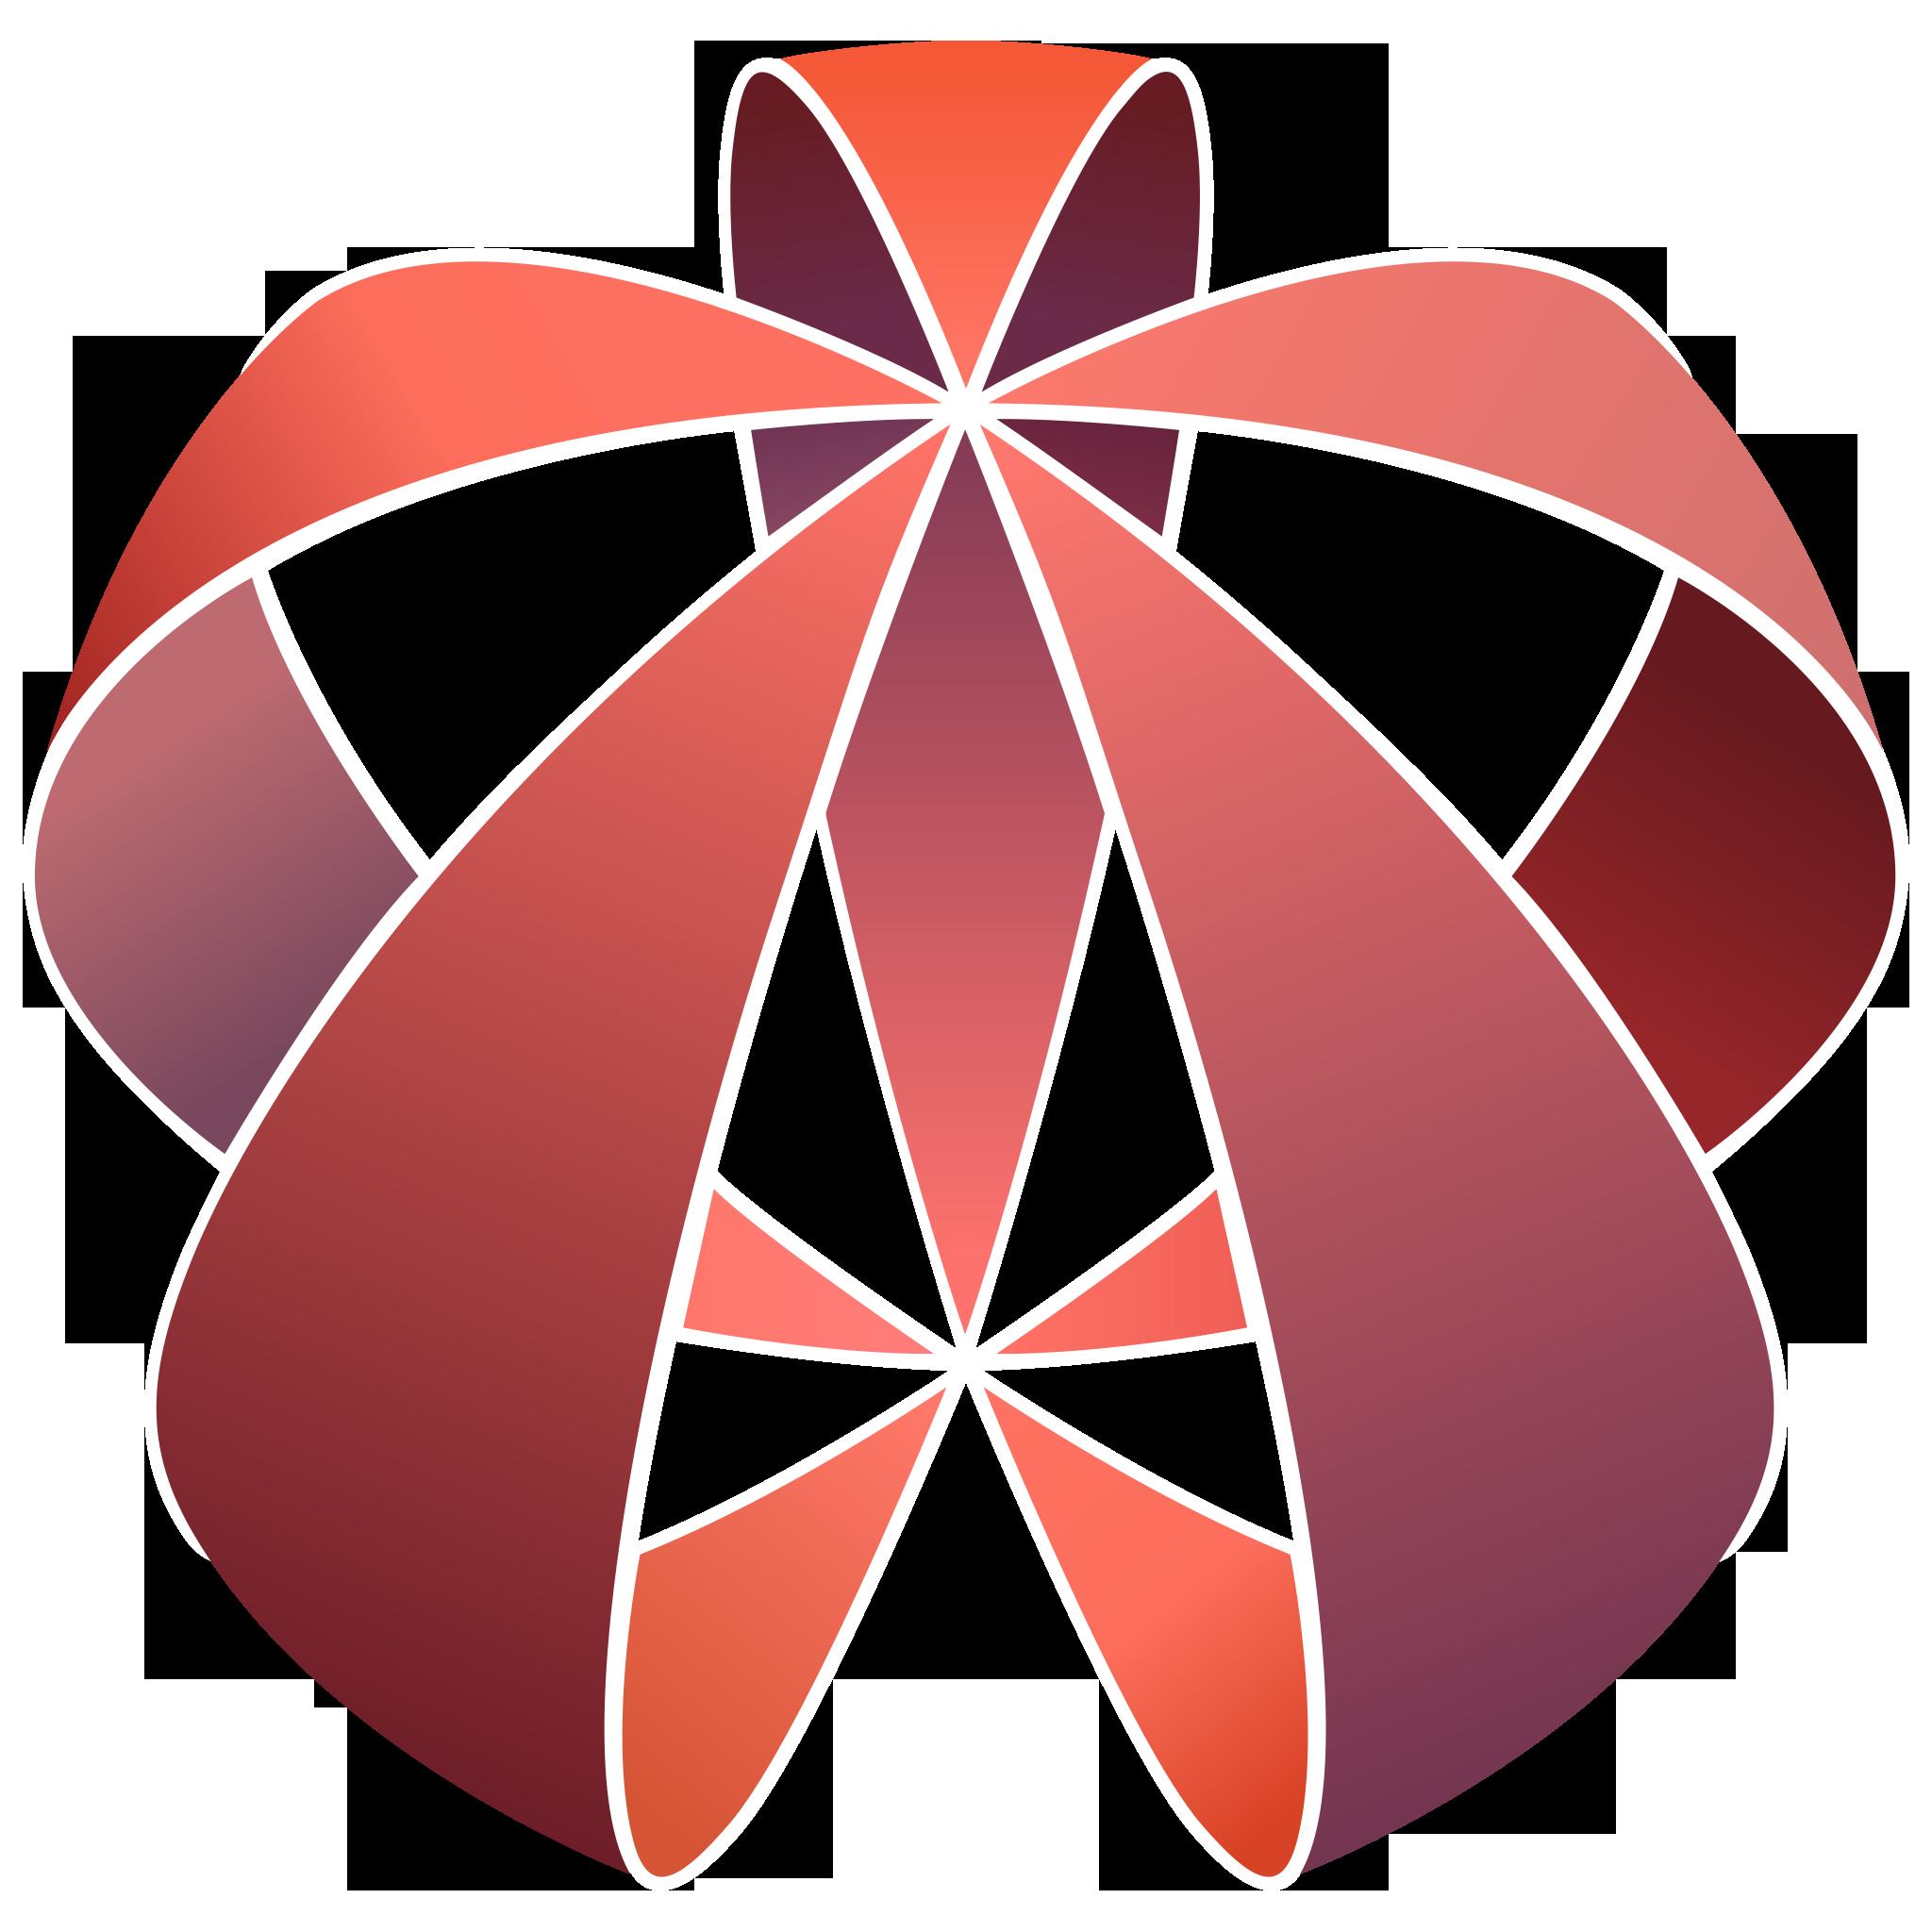 koto_logo_ura_2048.png